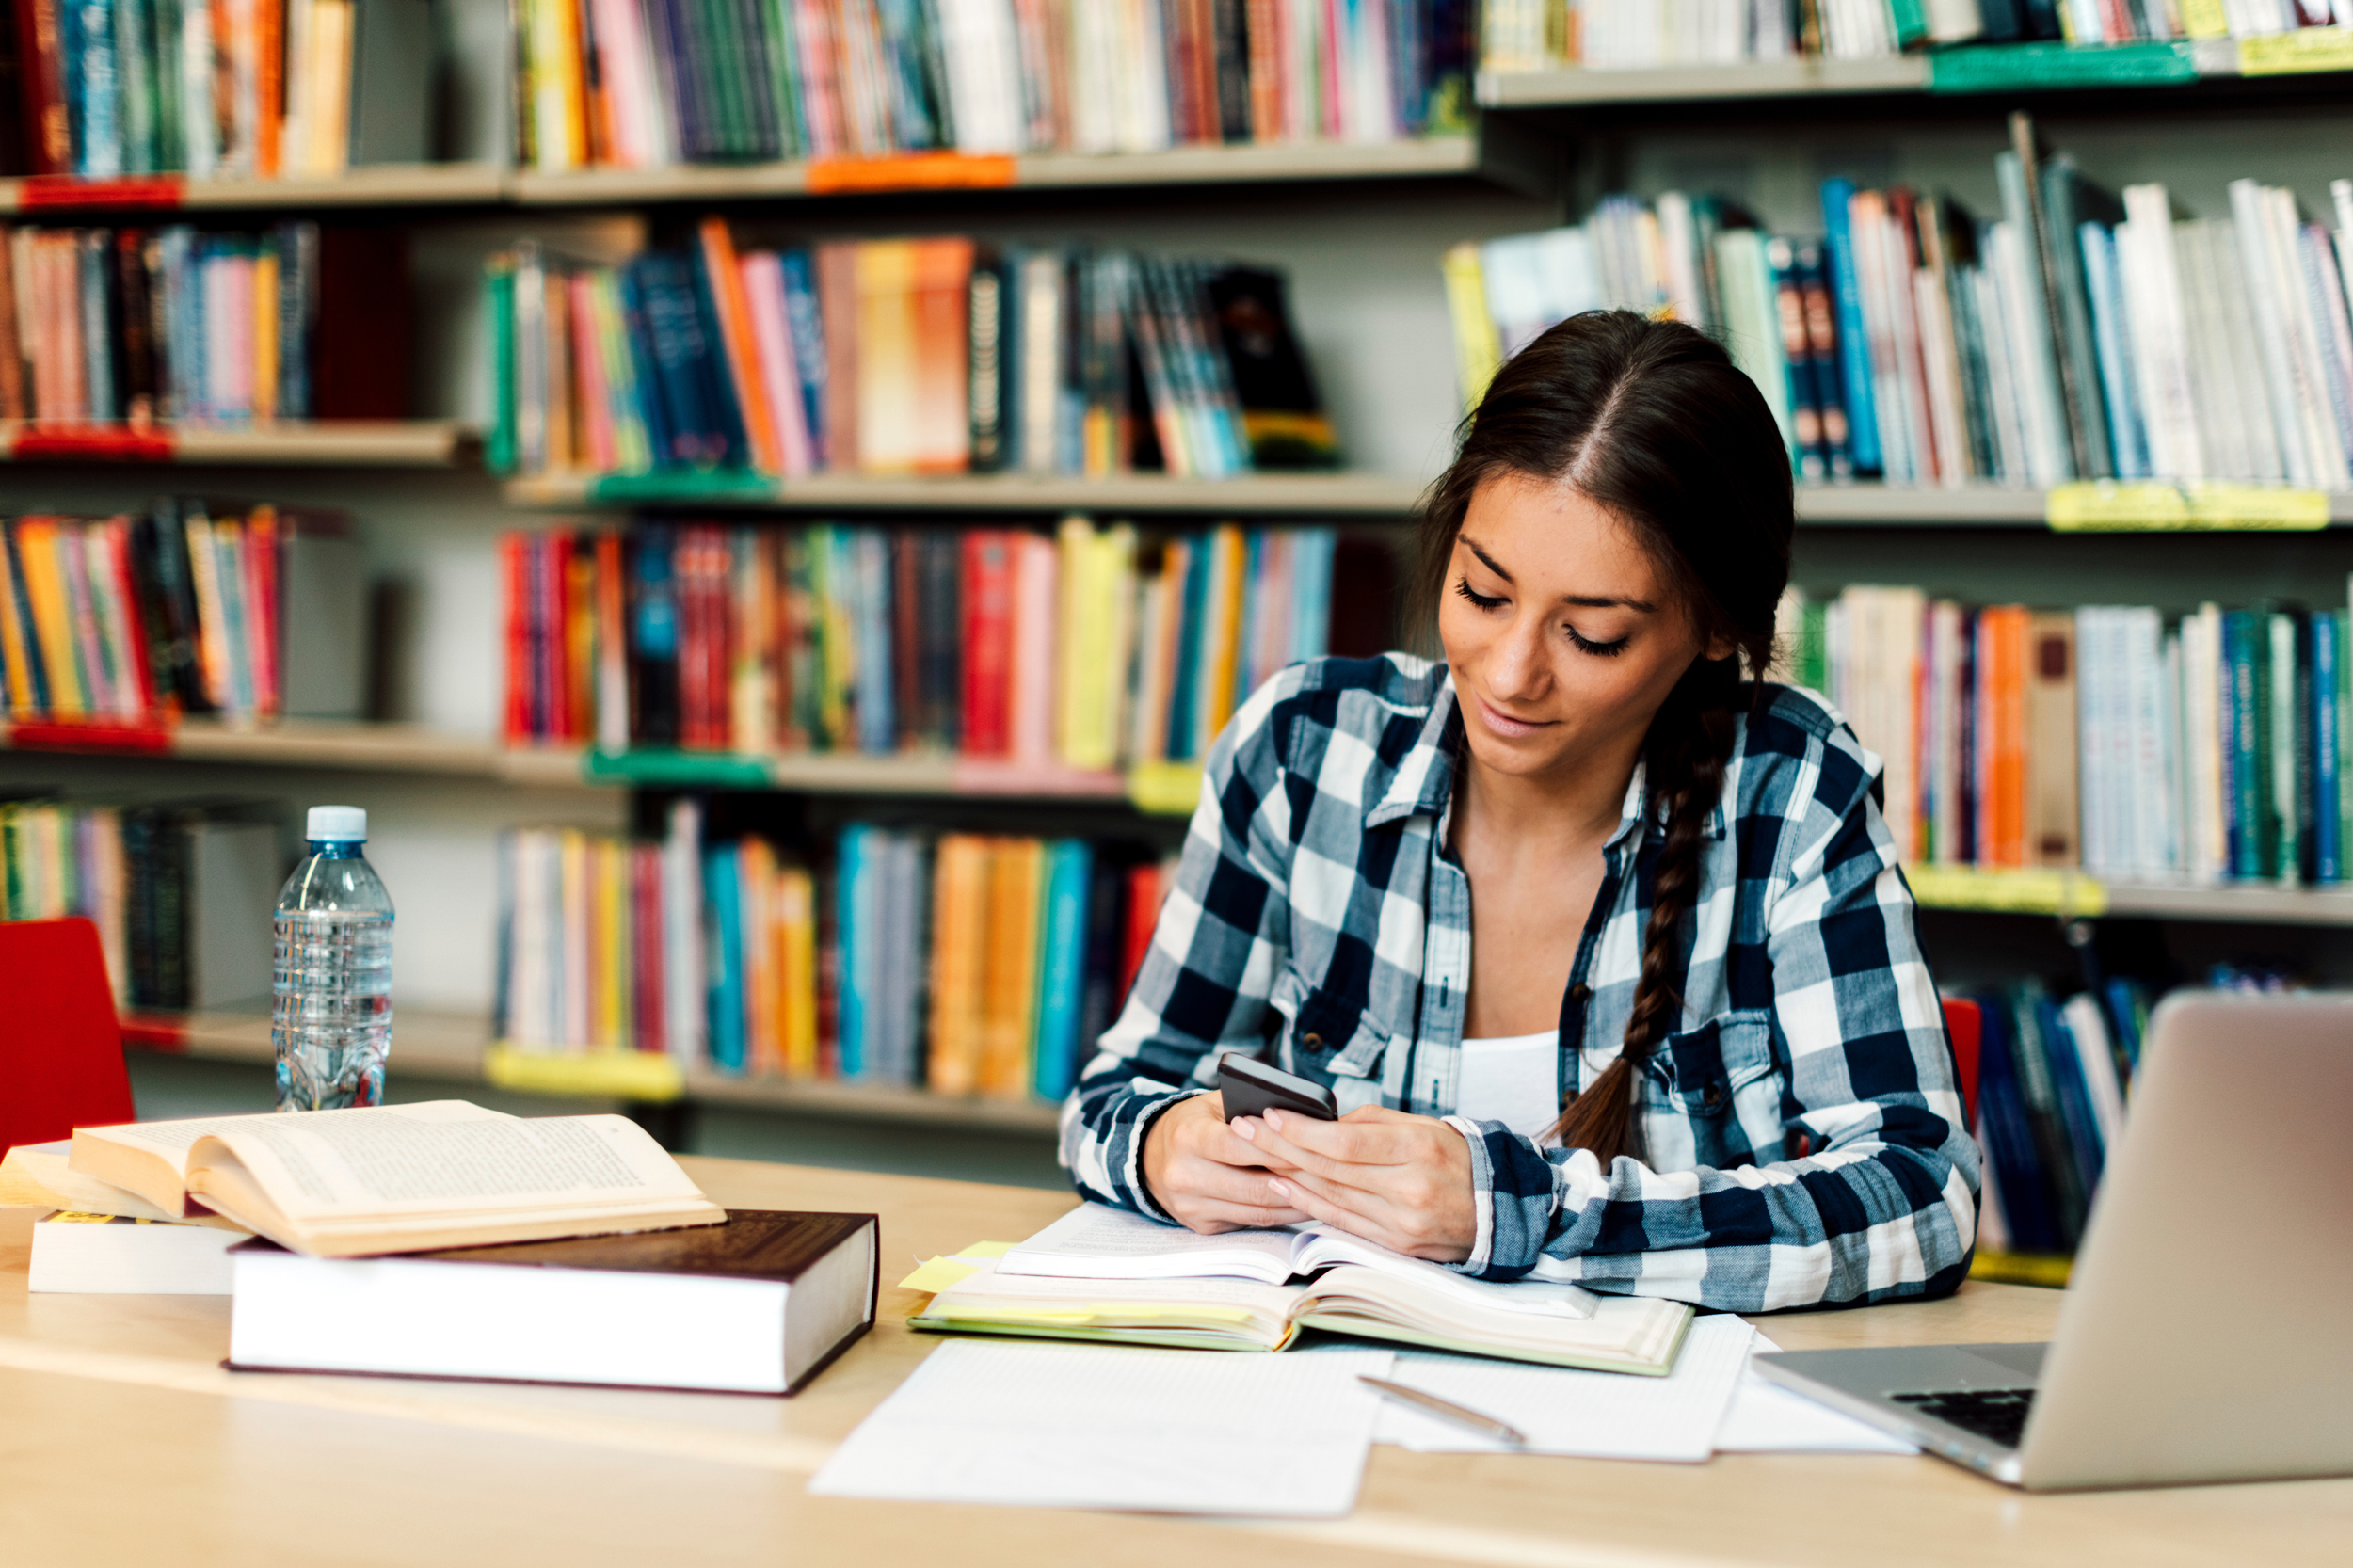 Miles de estudiantes empiezan a preparar sus exámenes pasando largas horas en la biblioteca mirando el móvil | El Mundo Today